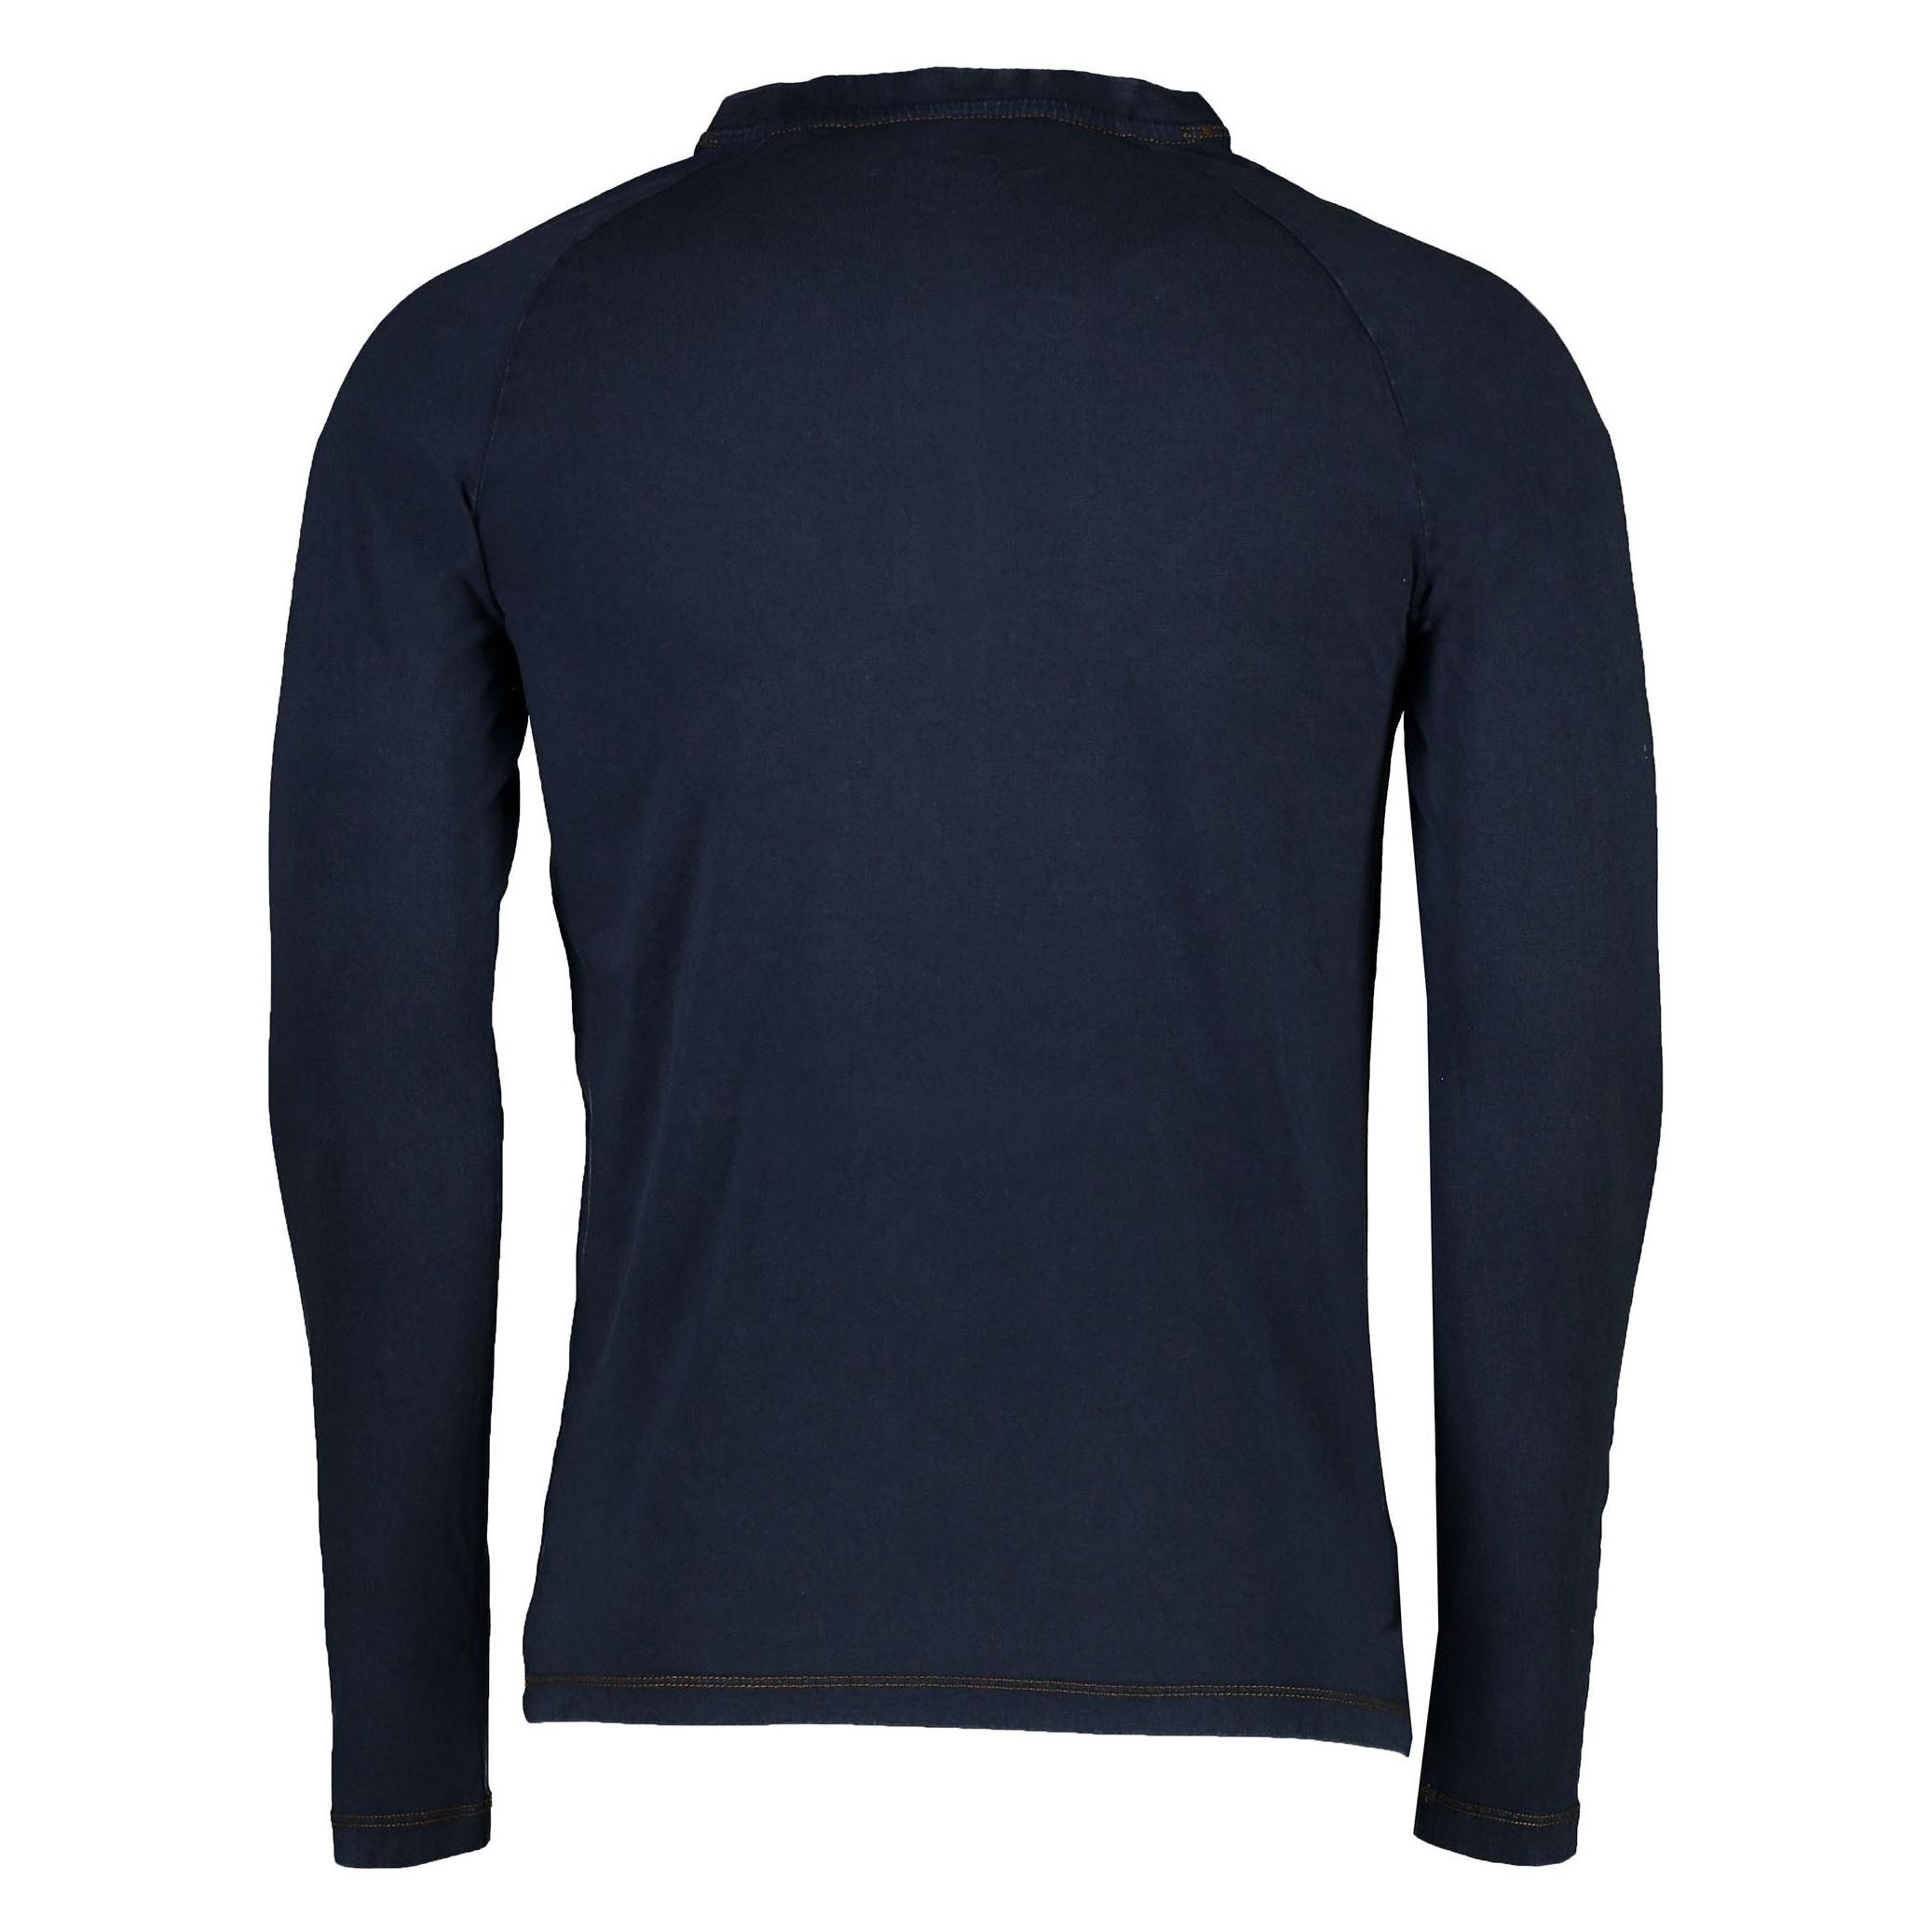 تی شرت نخی یقه هفت مردانه - یوپیم - سرمه اي - 2